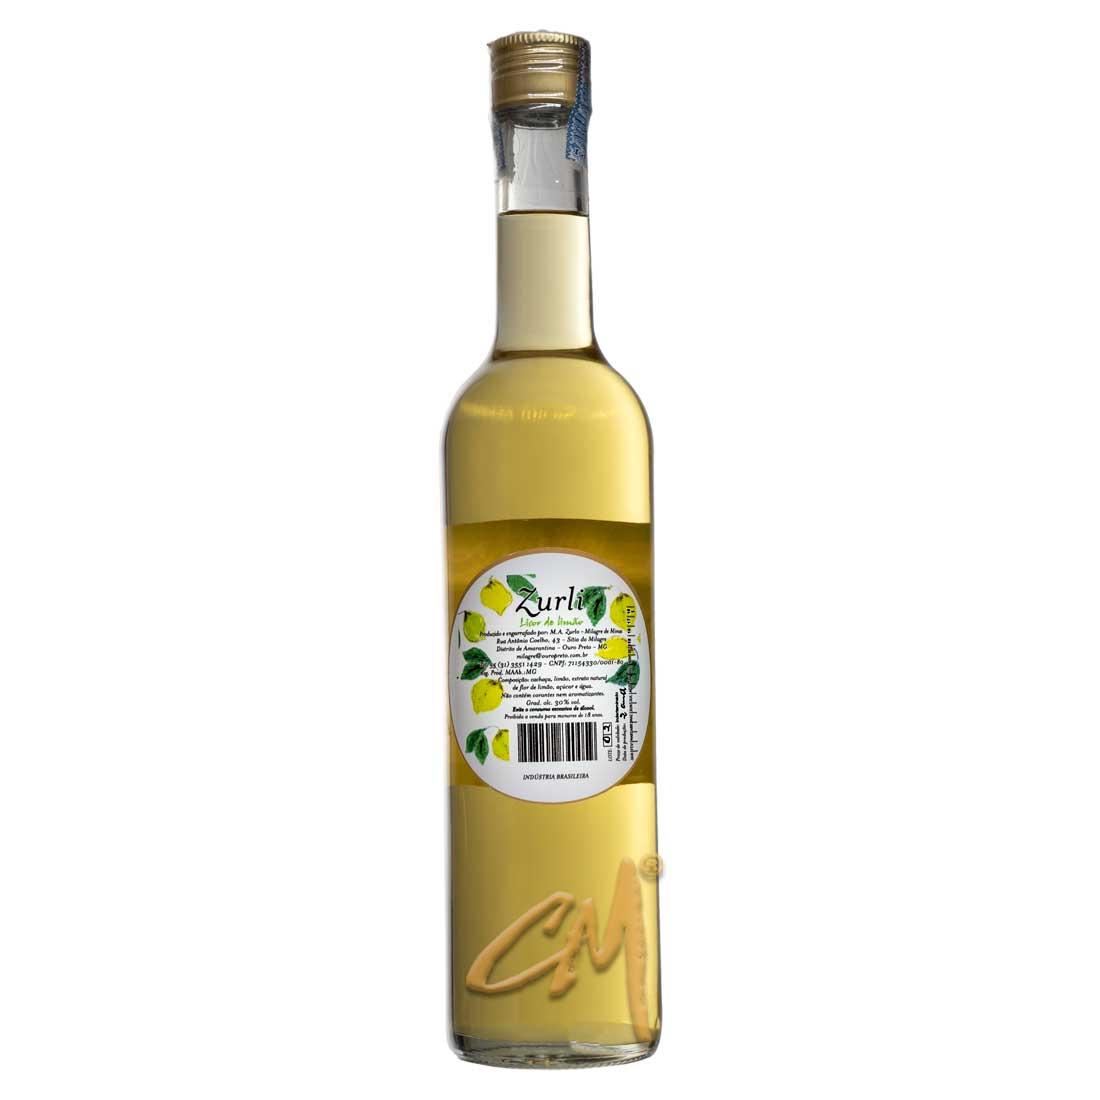 Licor de Limão Cida Zurli 500 ml (Ouro Preto - MG)